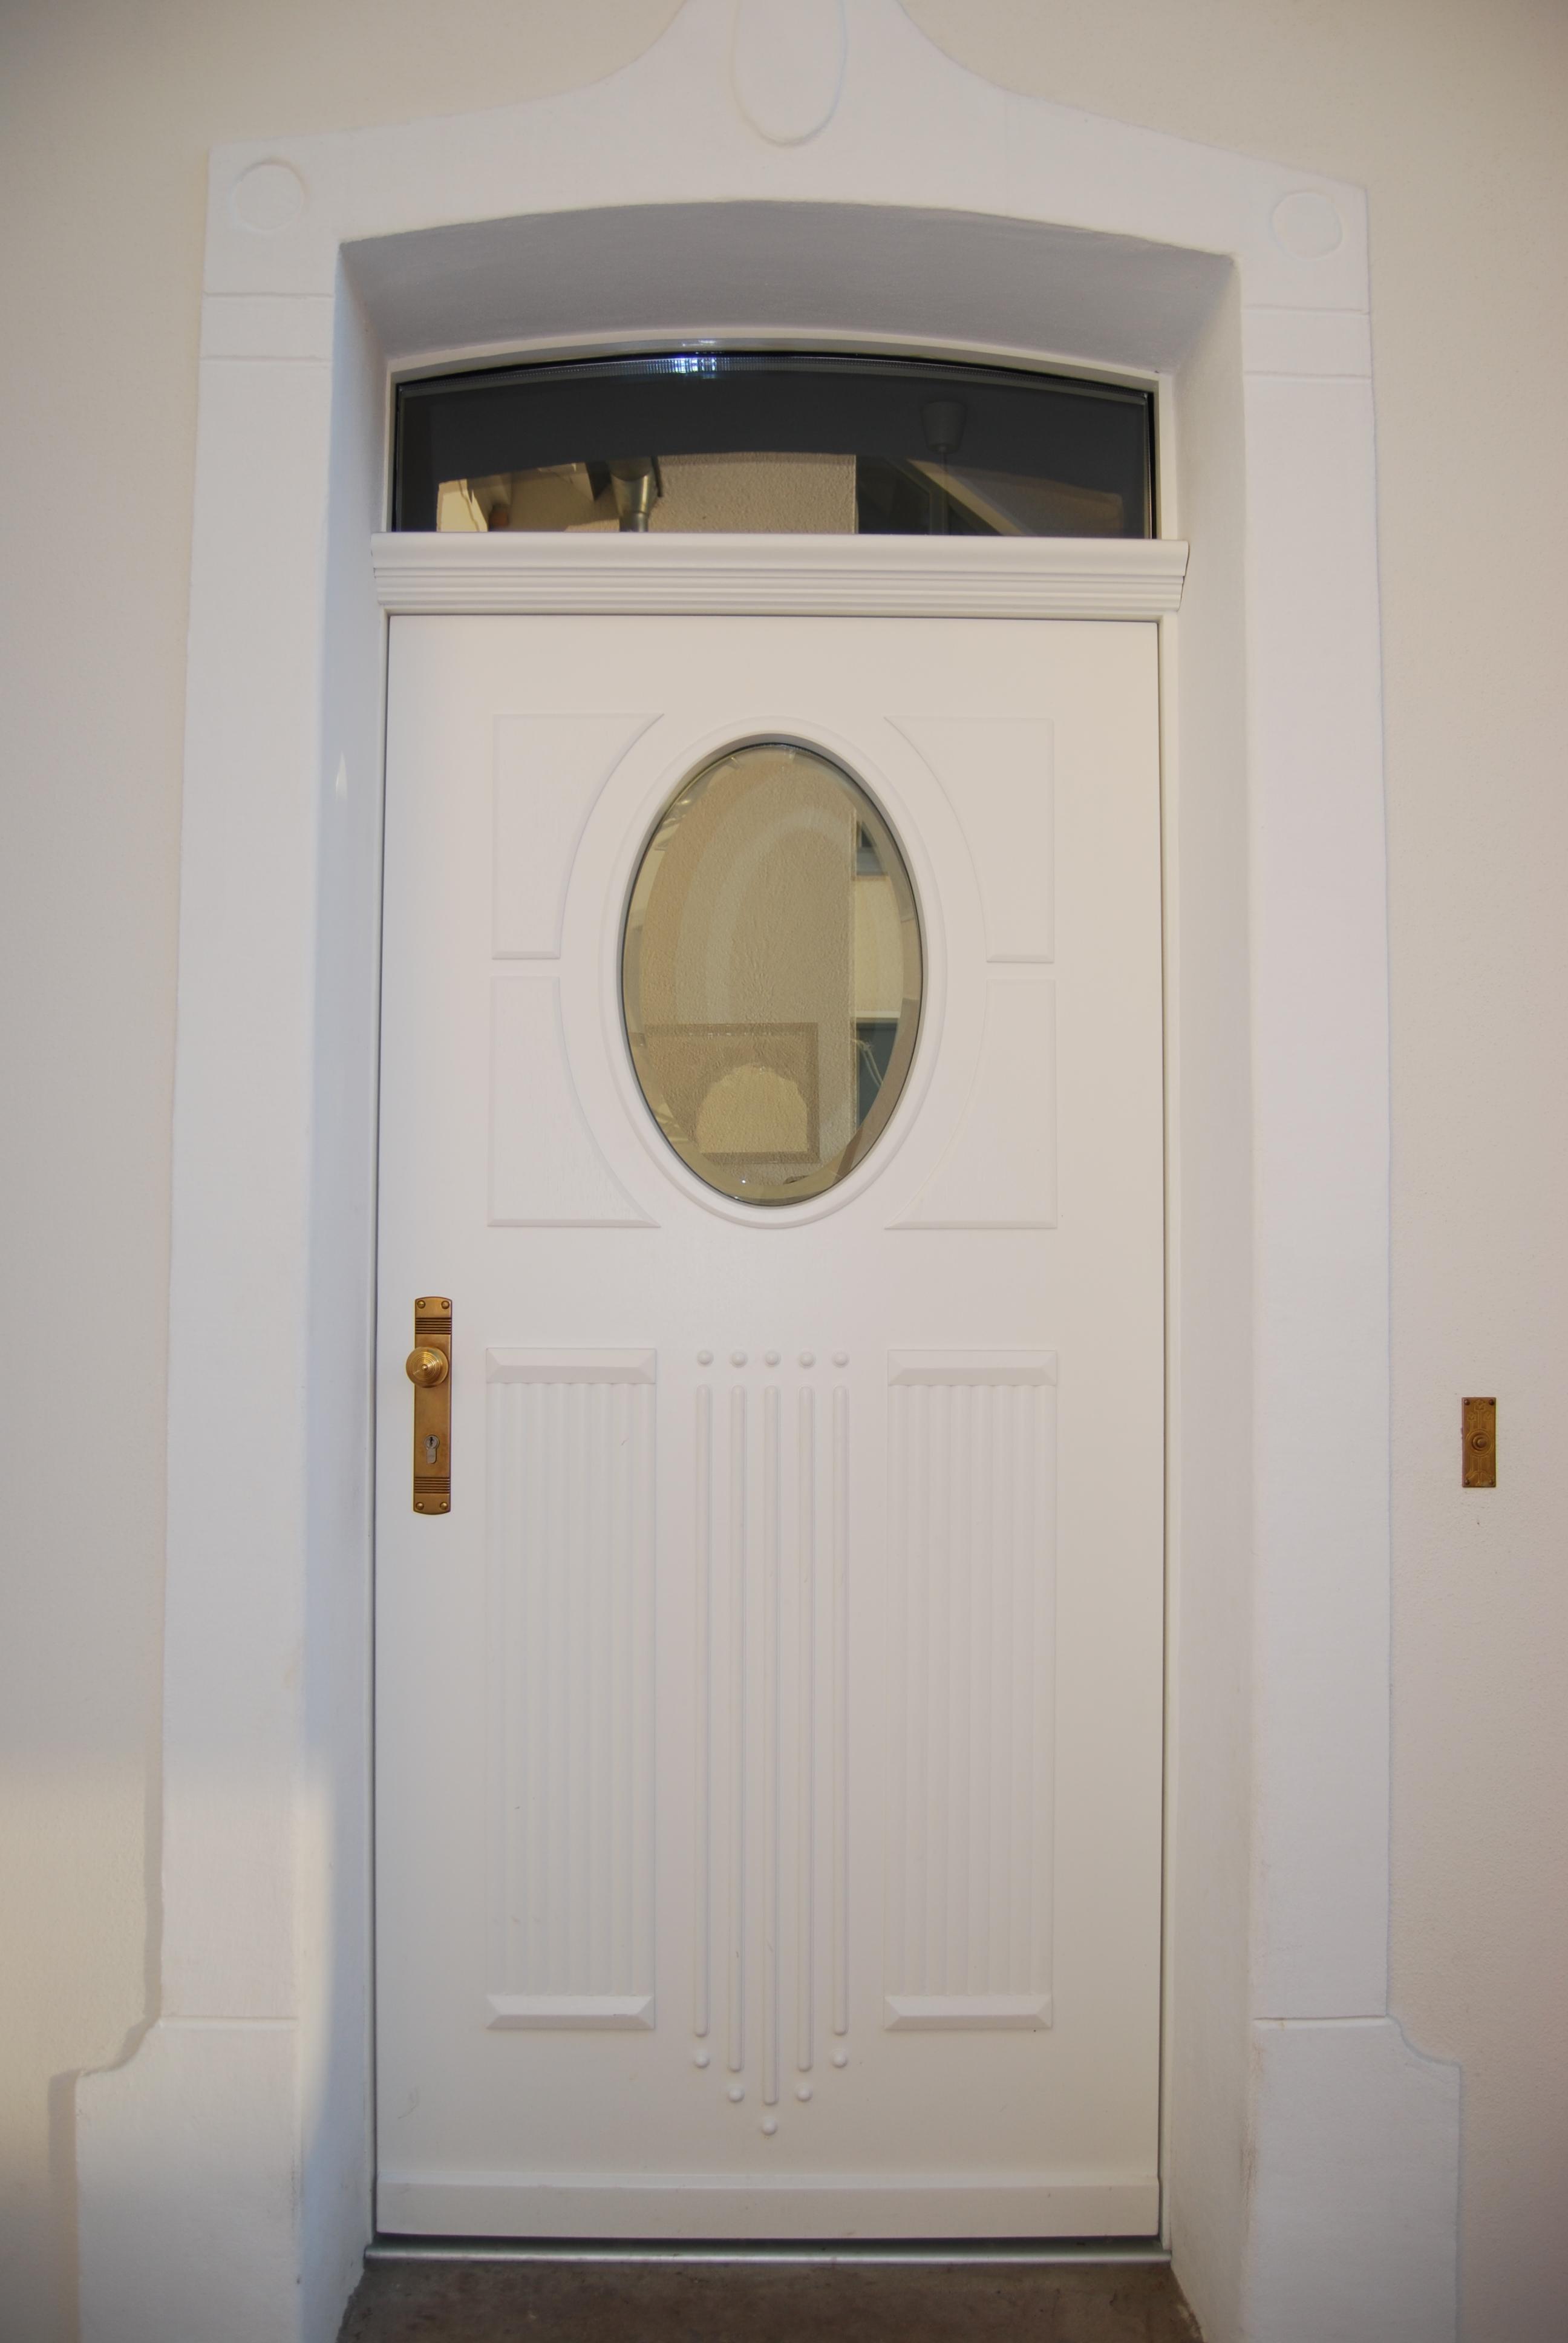 Haustür mit fenster  Haustüren | Schreinerei HOLZ und FORM GmbH, Bochum